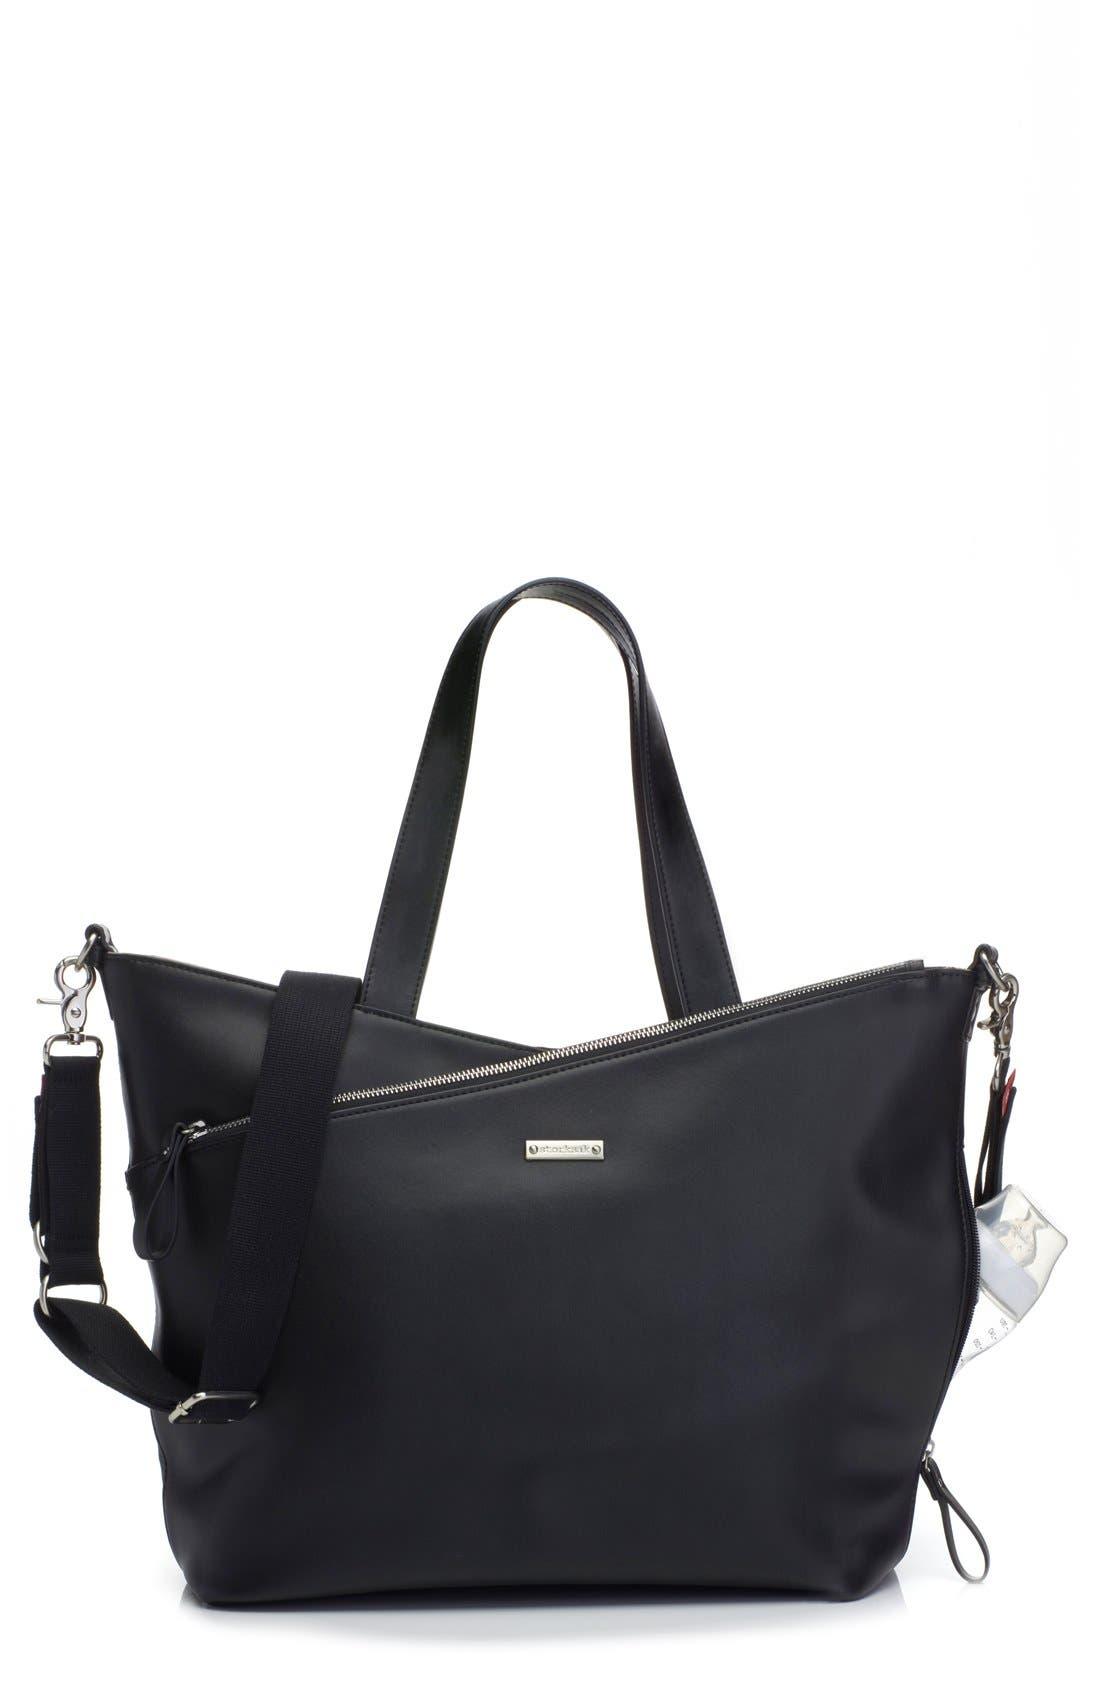 'Lucinda' Diaper Bag Leather Tote, Main, color, BLACK